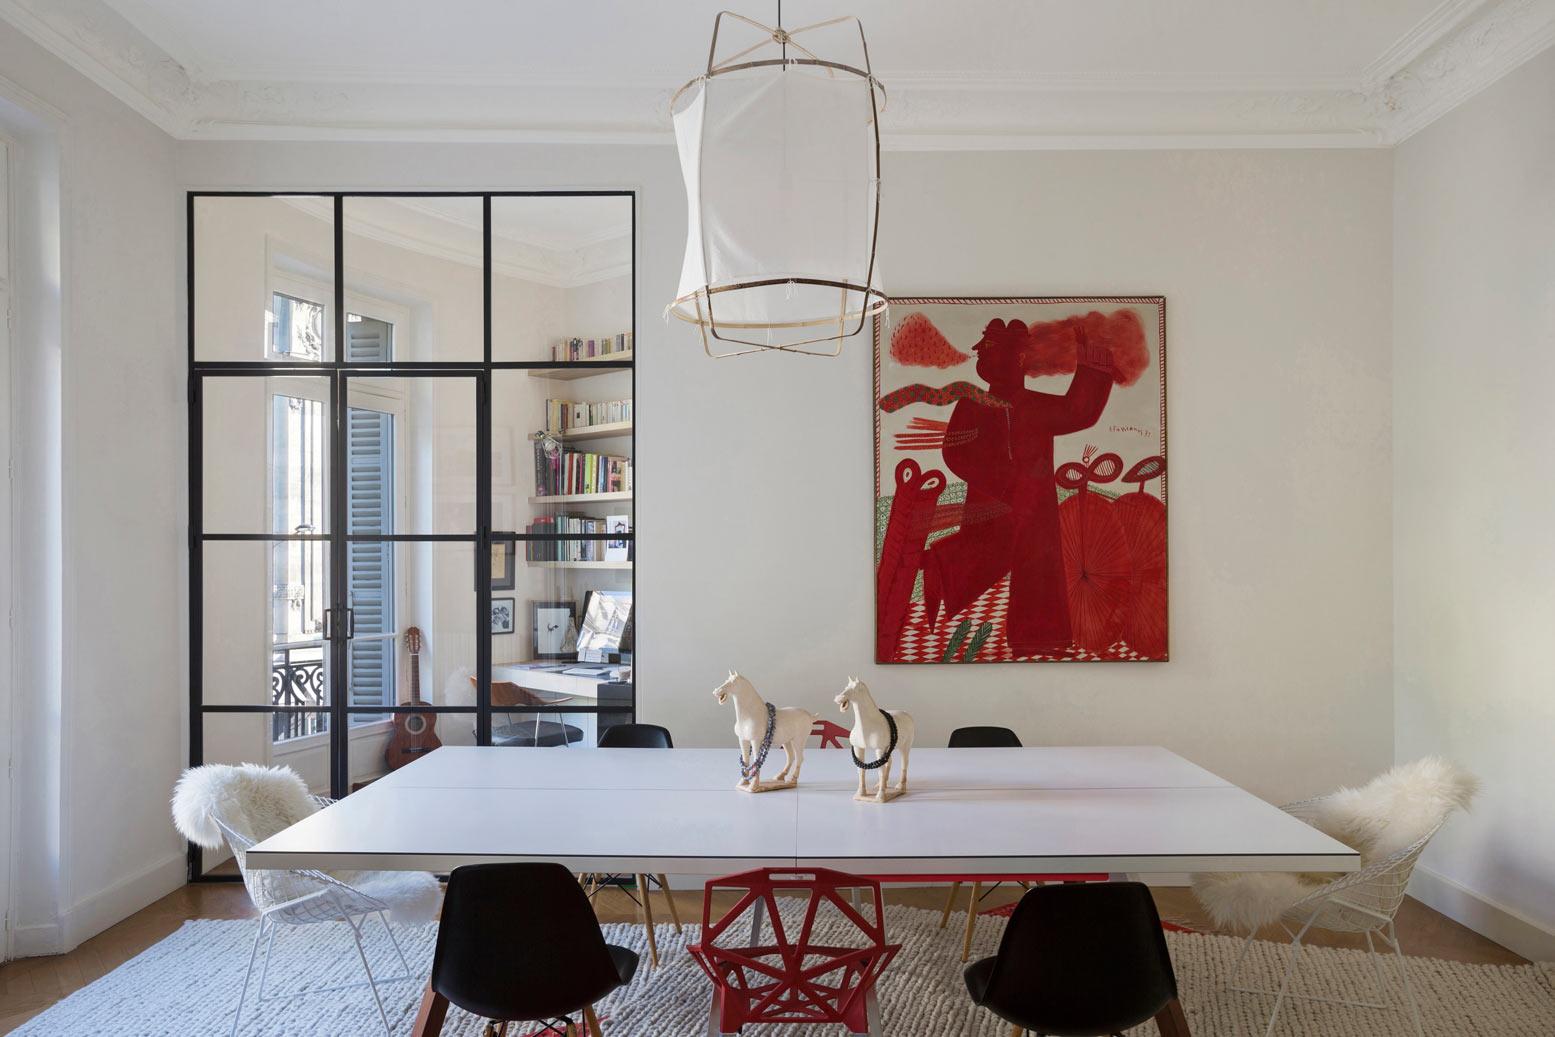 Comment choisir sa verrière atelier d'artiste d'intérieur à l ...